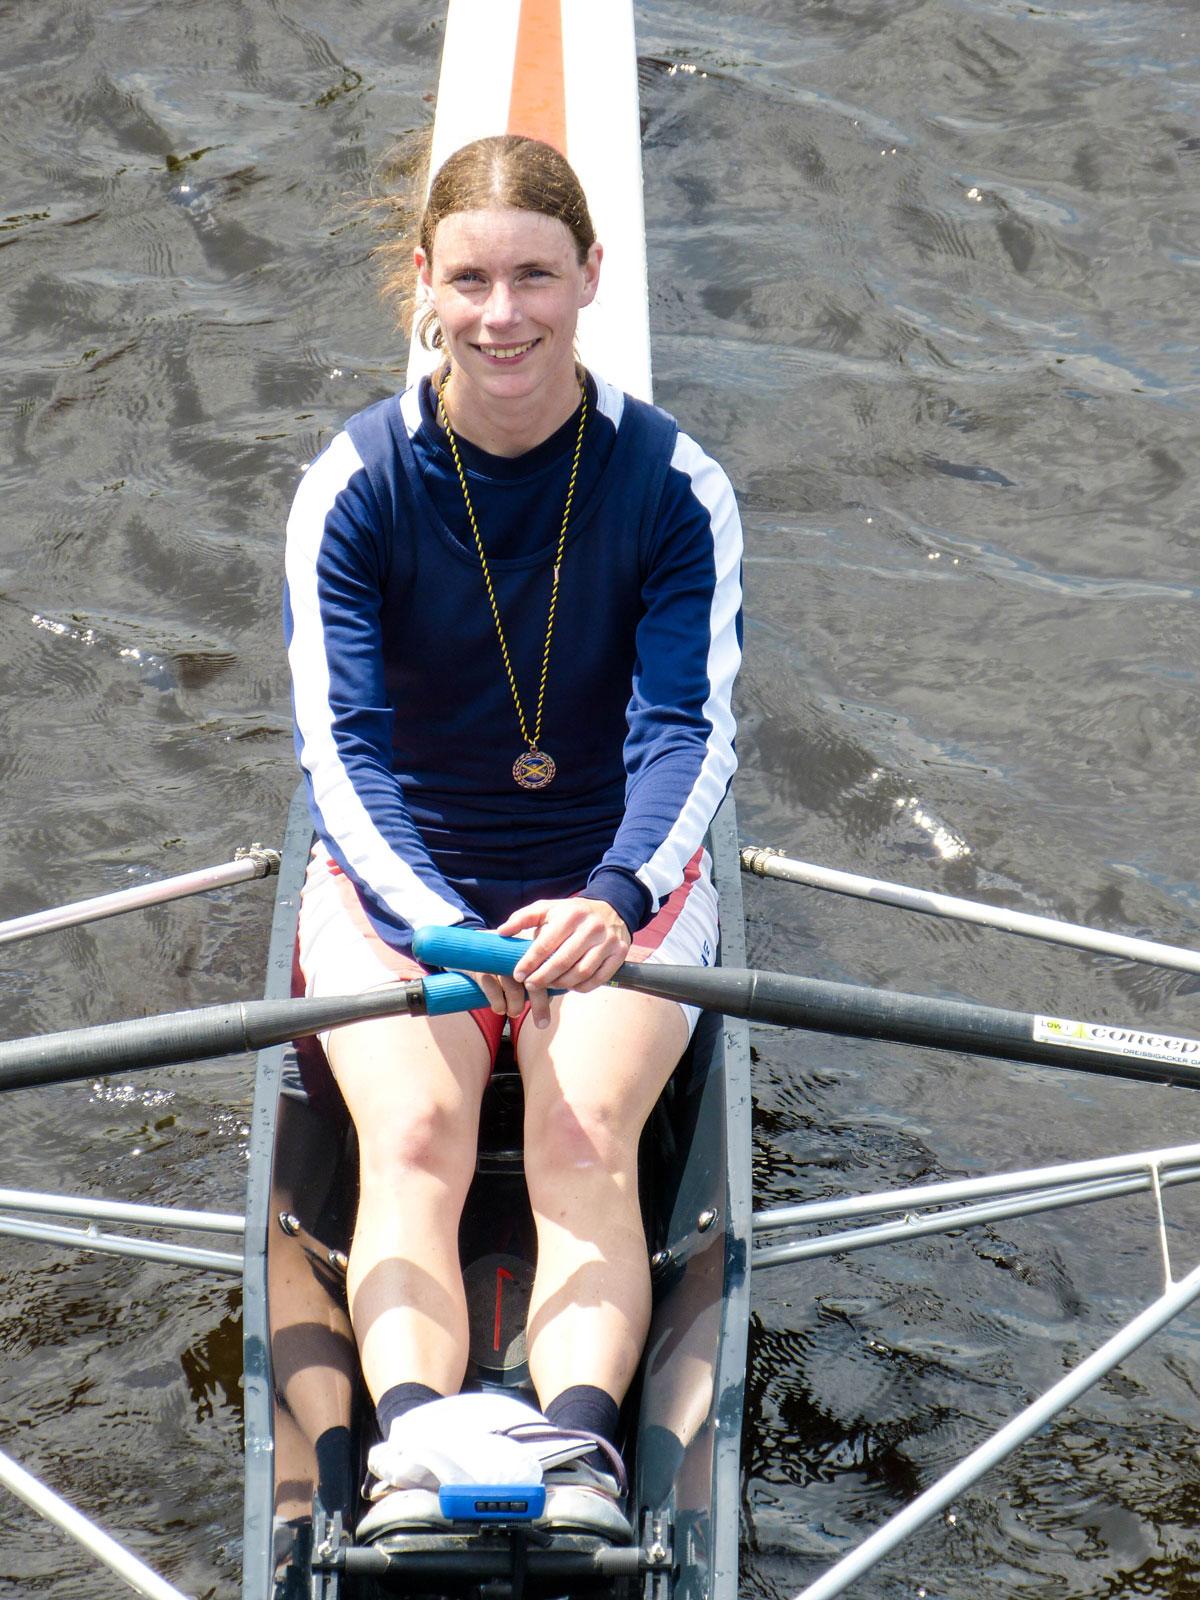 Die Leistungssportlerin lebt mit ihrer Familie zusammen in der Nähe von Hamburg und verbringt jede freie Minute auf dem Wasser.